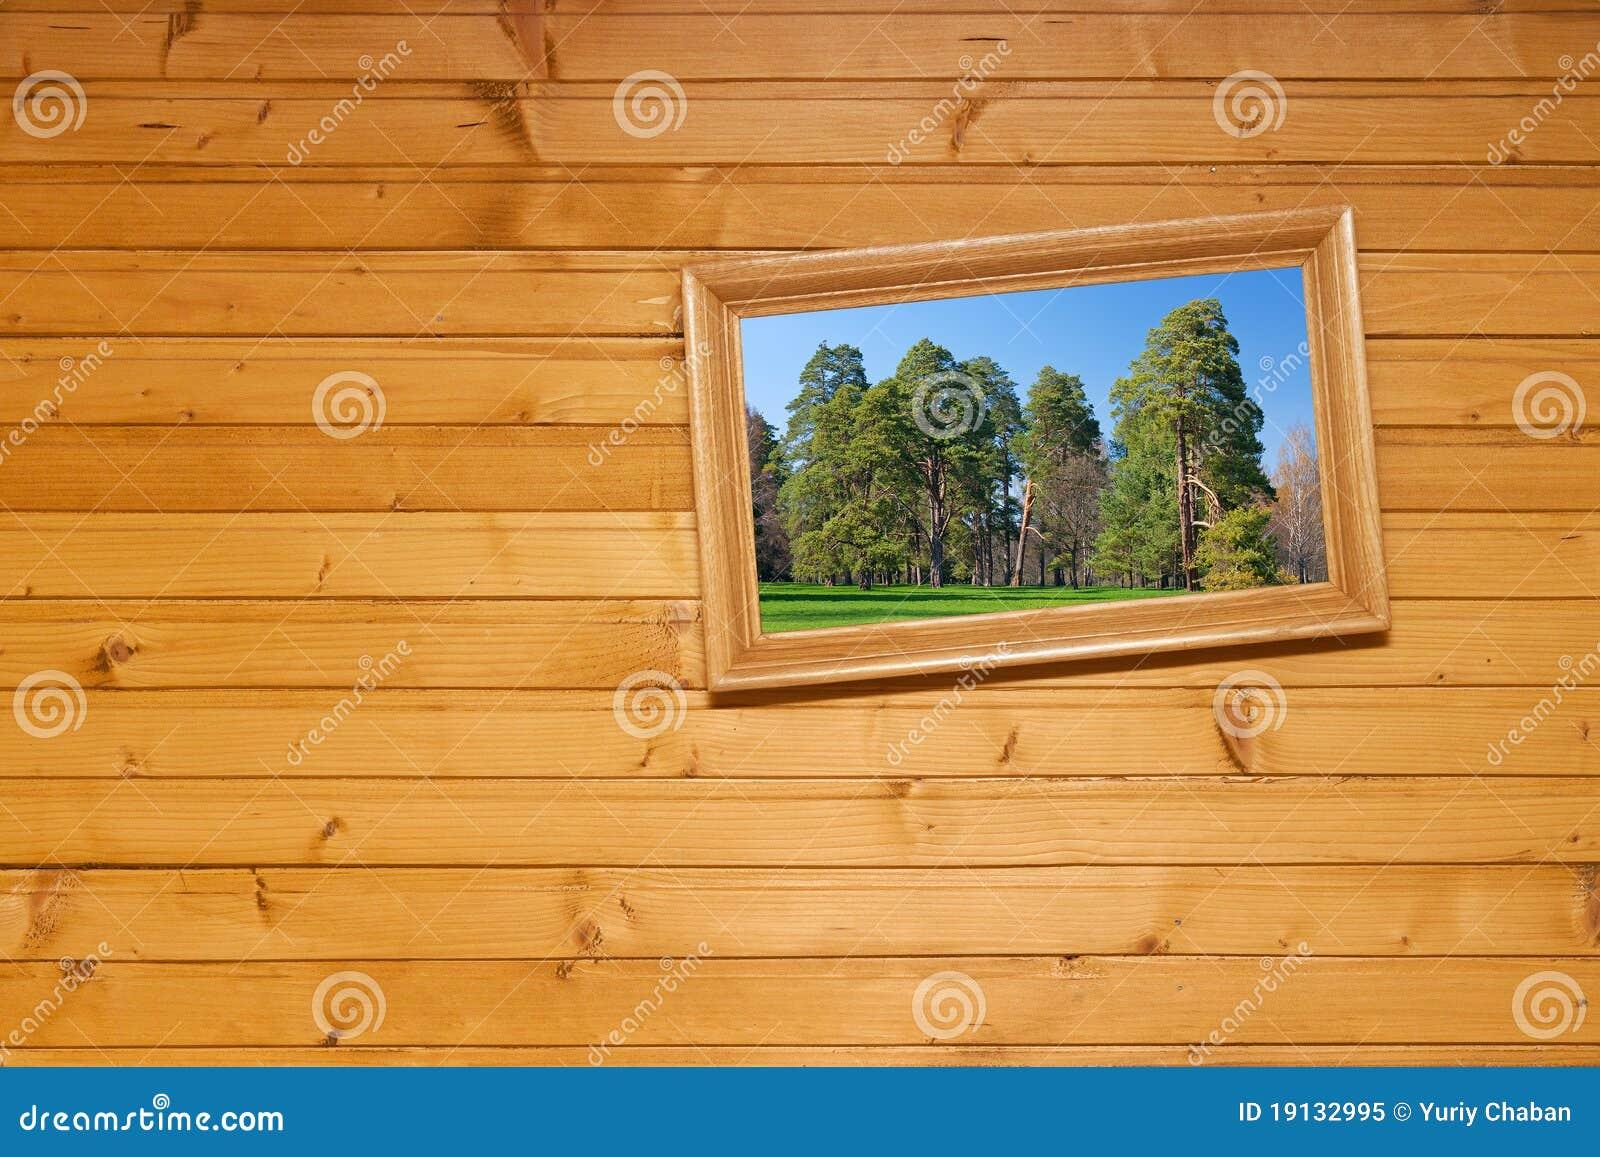 Cuadro inclinado en la pared de madera foto de archivo - Cuadro para pared ...